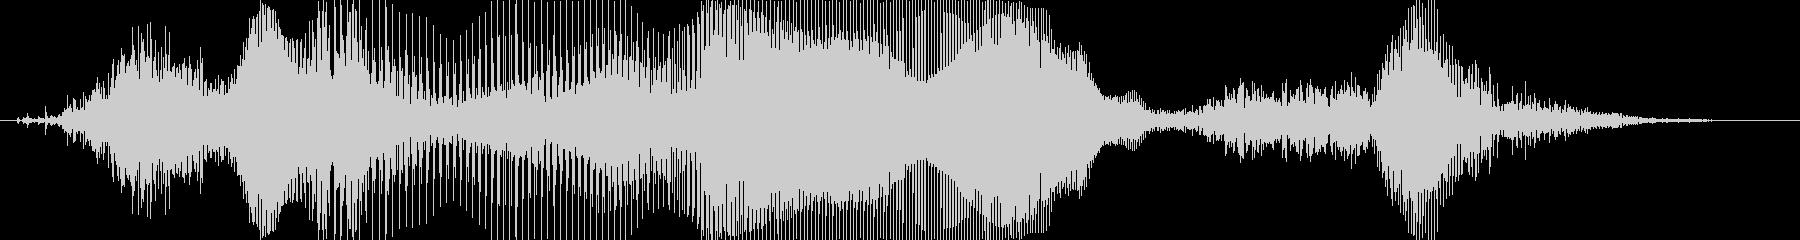 チャンス!の未再生の波形